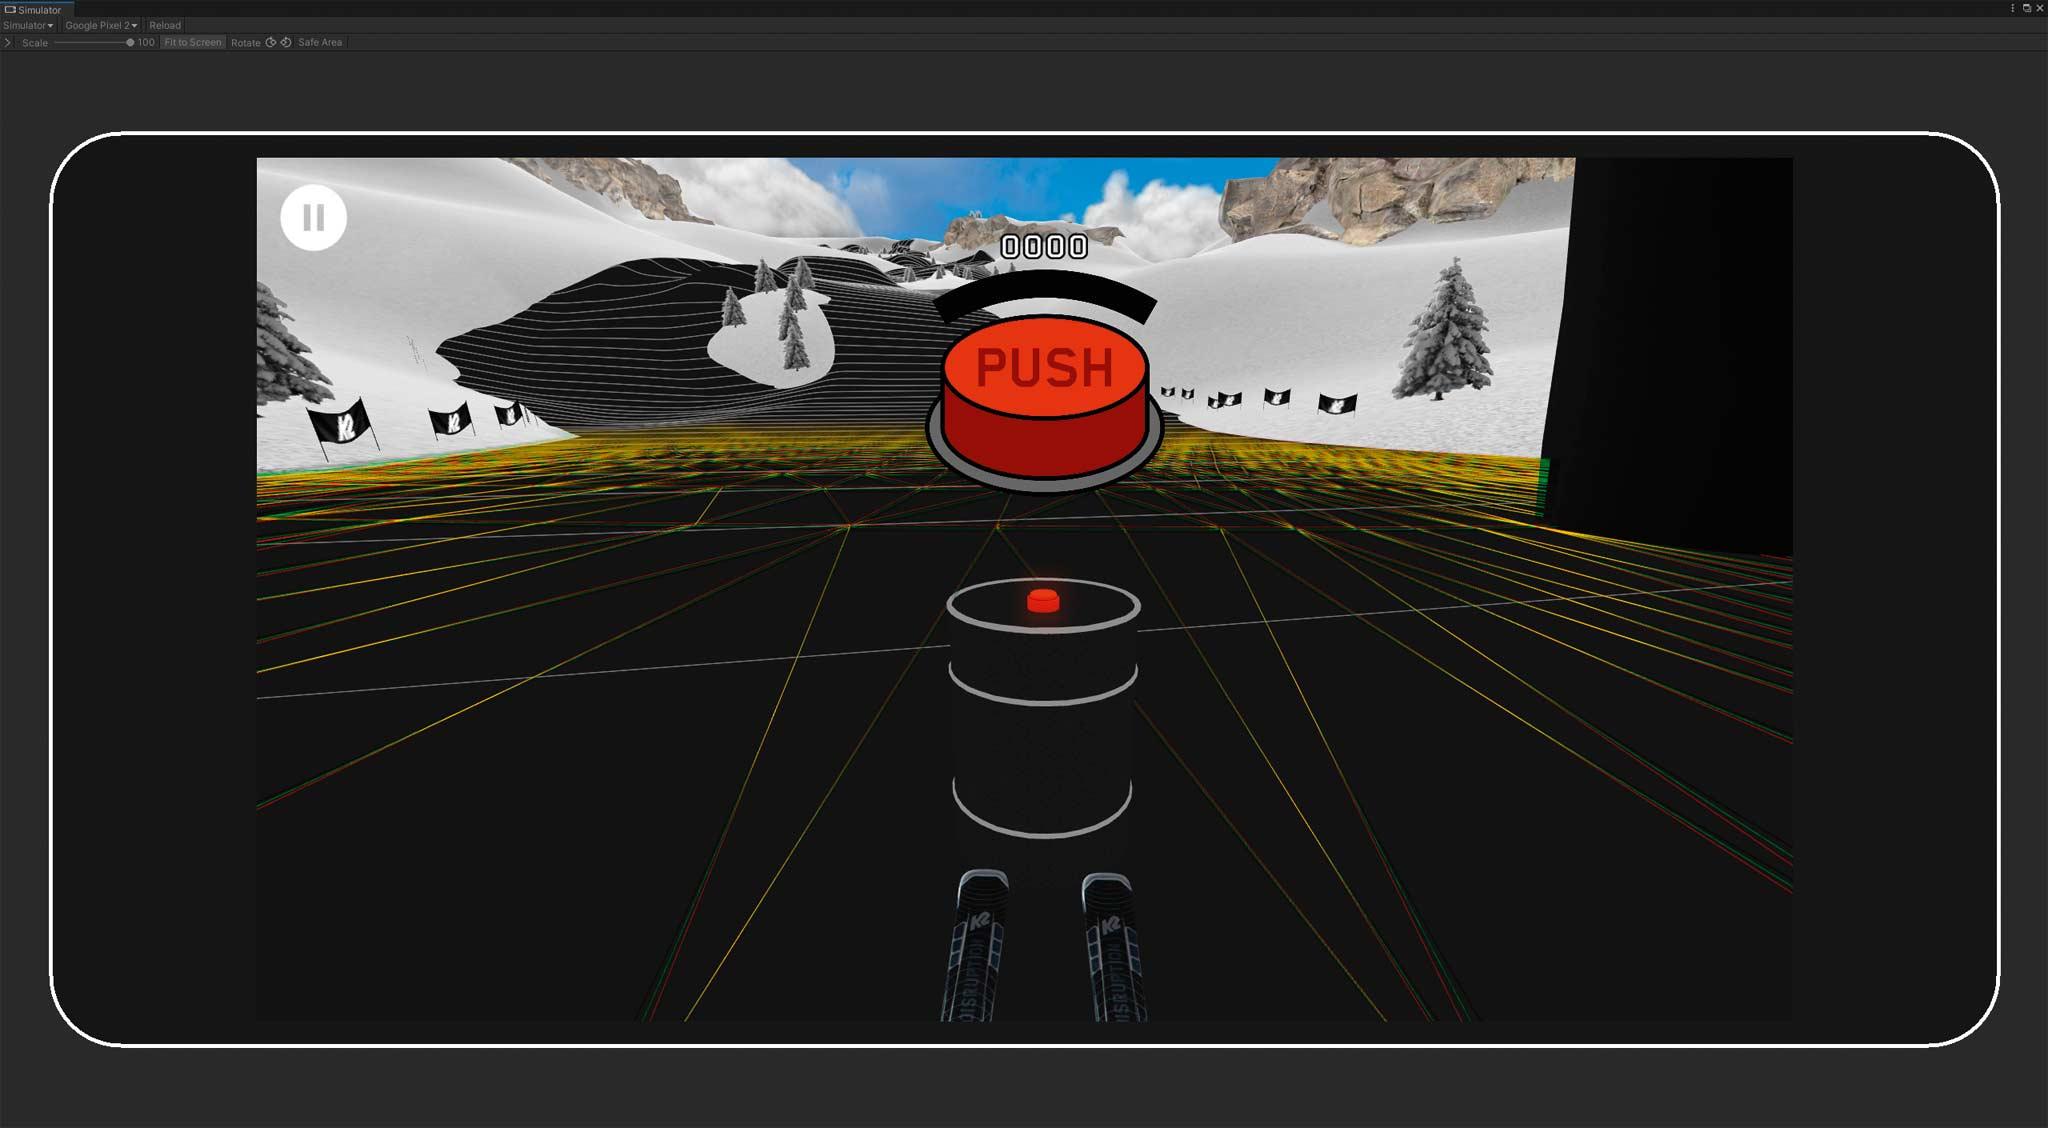 """Das K2 """"Disruption Cup Game"""" ist zum kostenlosen Download im App Store erhältlich und lädt Skifahrer und Snowboarder, Marathonläufer und Couch-Potatoes, Omas und Nachbarn, crazy Geeks und hipster Dudes dazu ein, sich packende Rennen auf der K2-Disruption-Cup-Strecke zu liefern."""